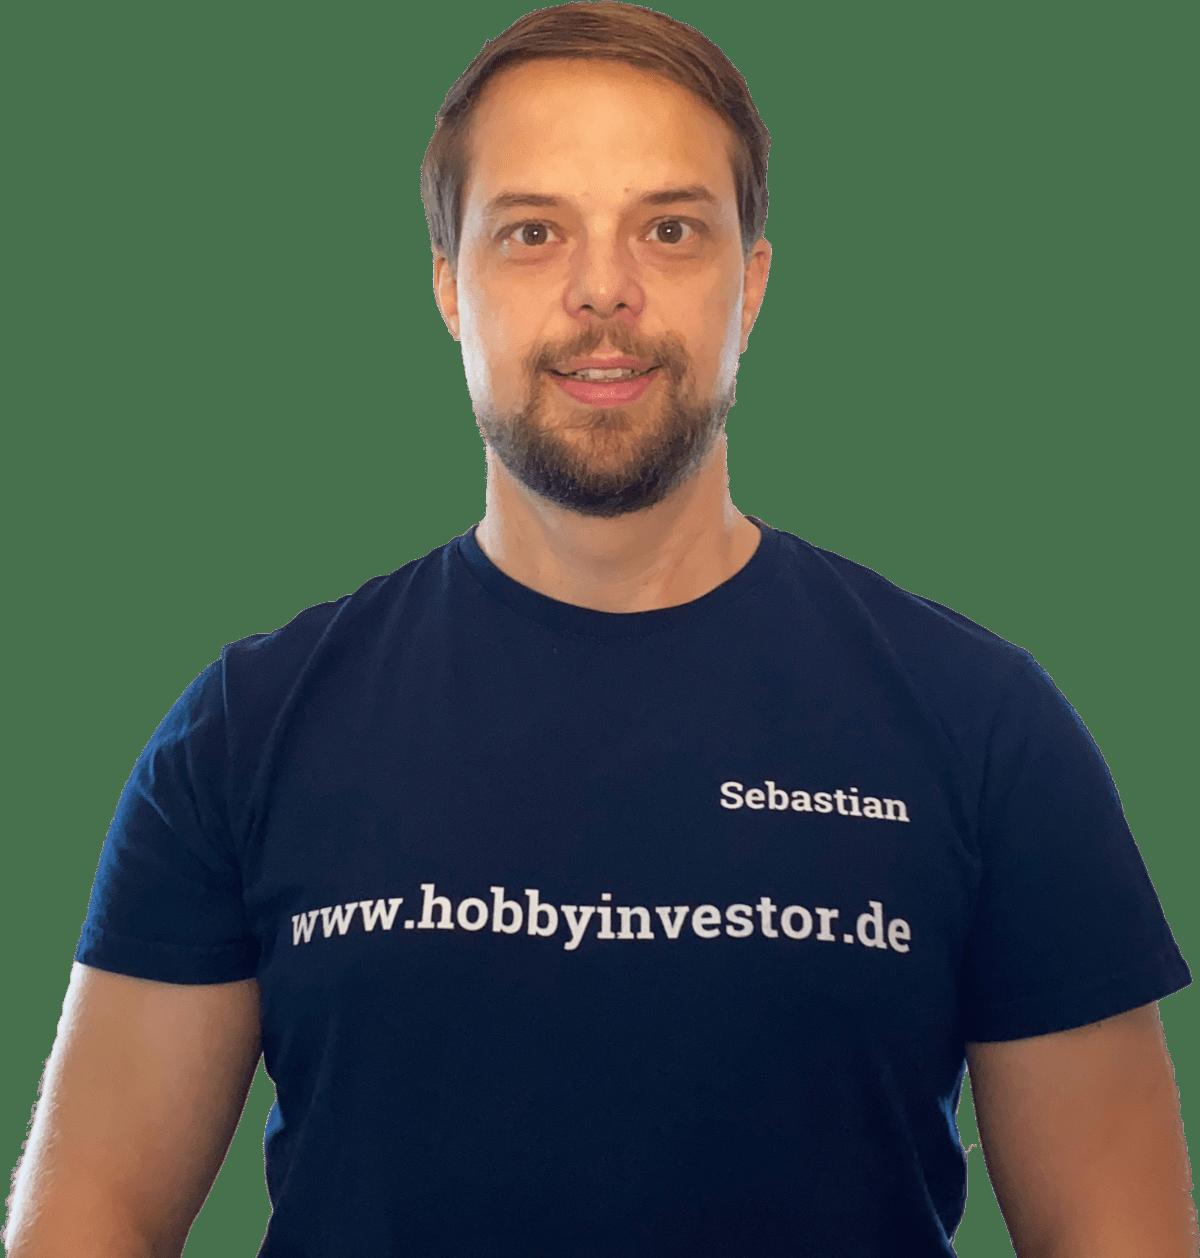 sebastian-hobbyinvestor